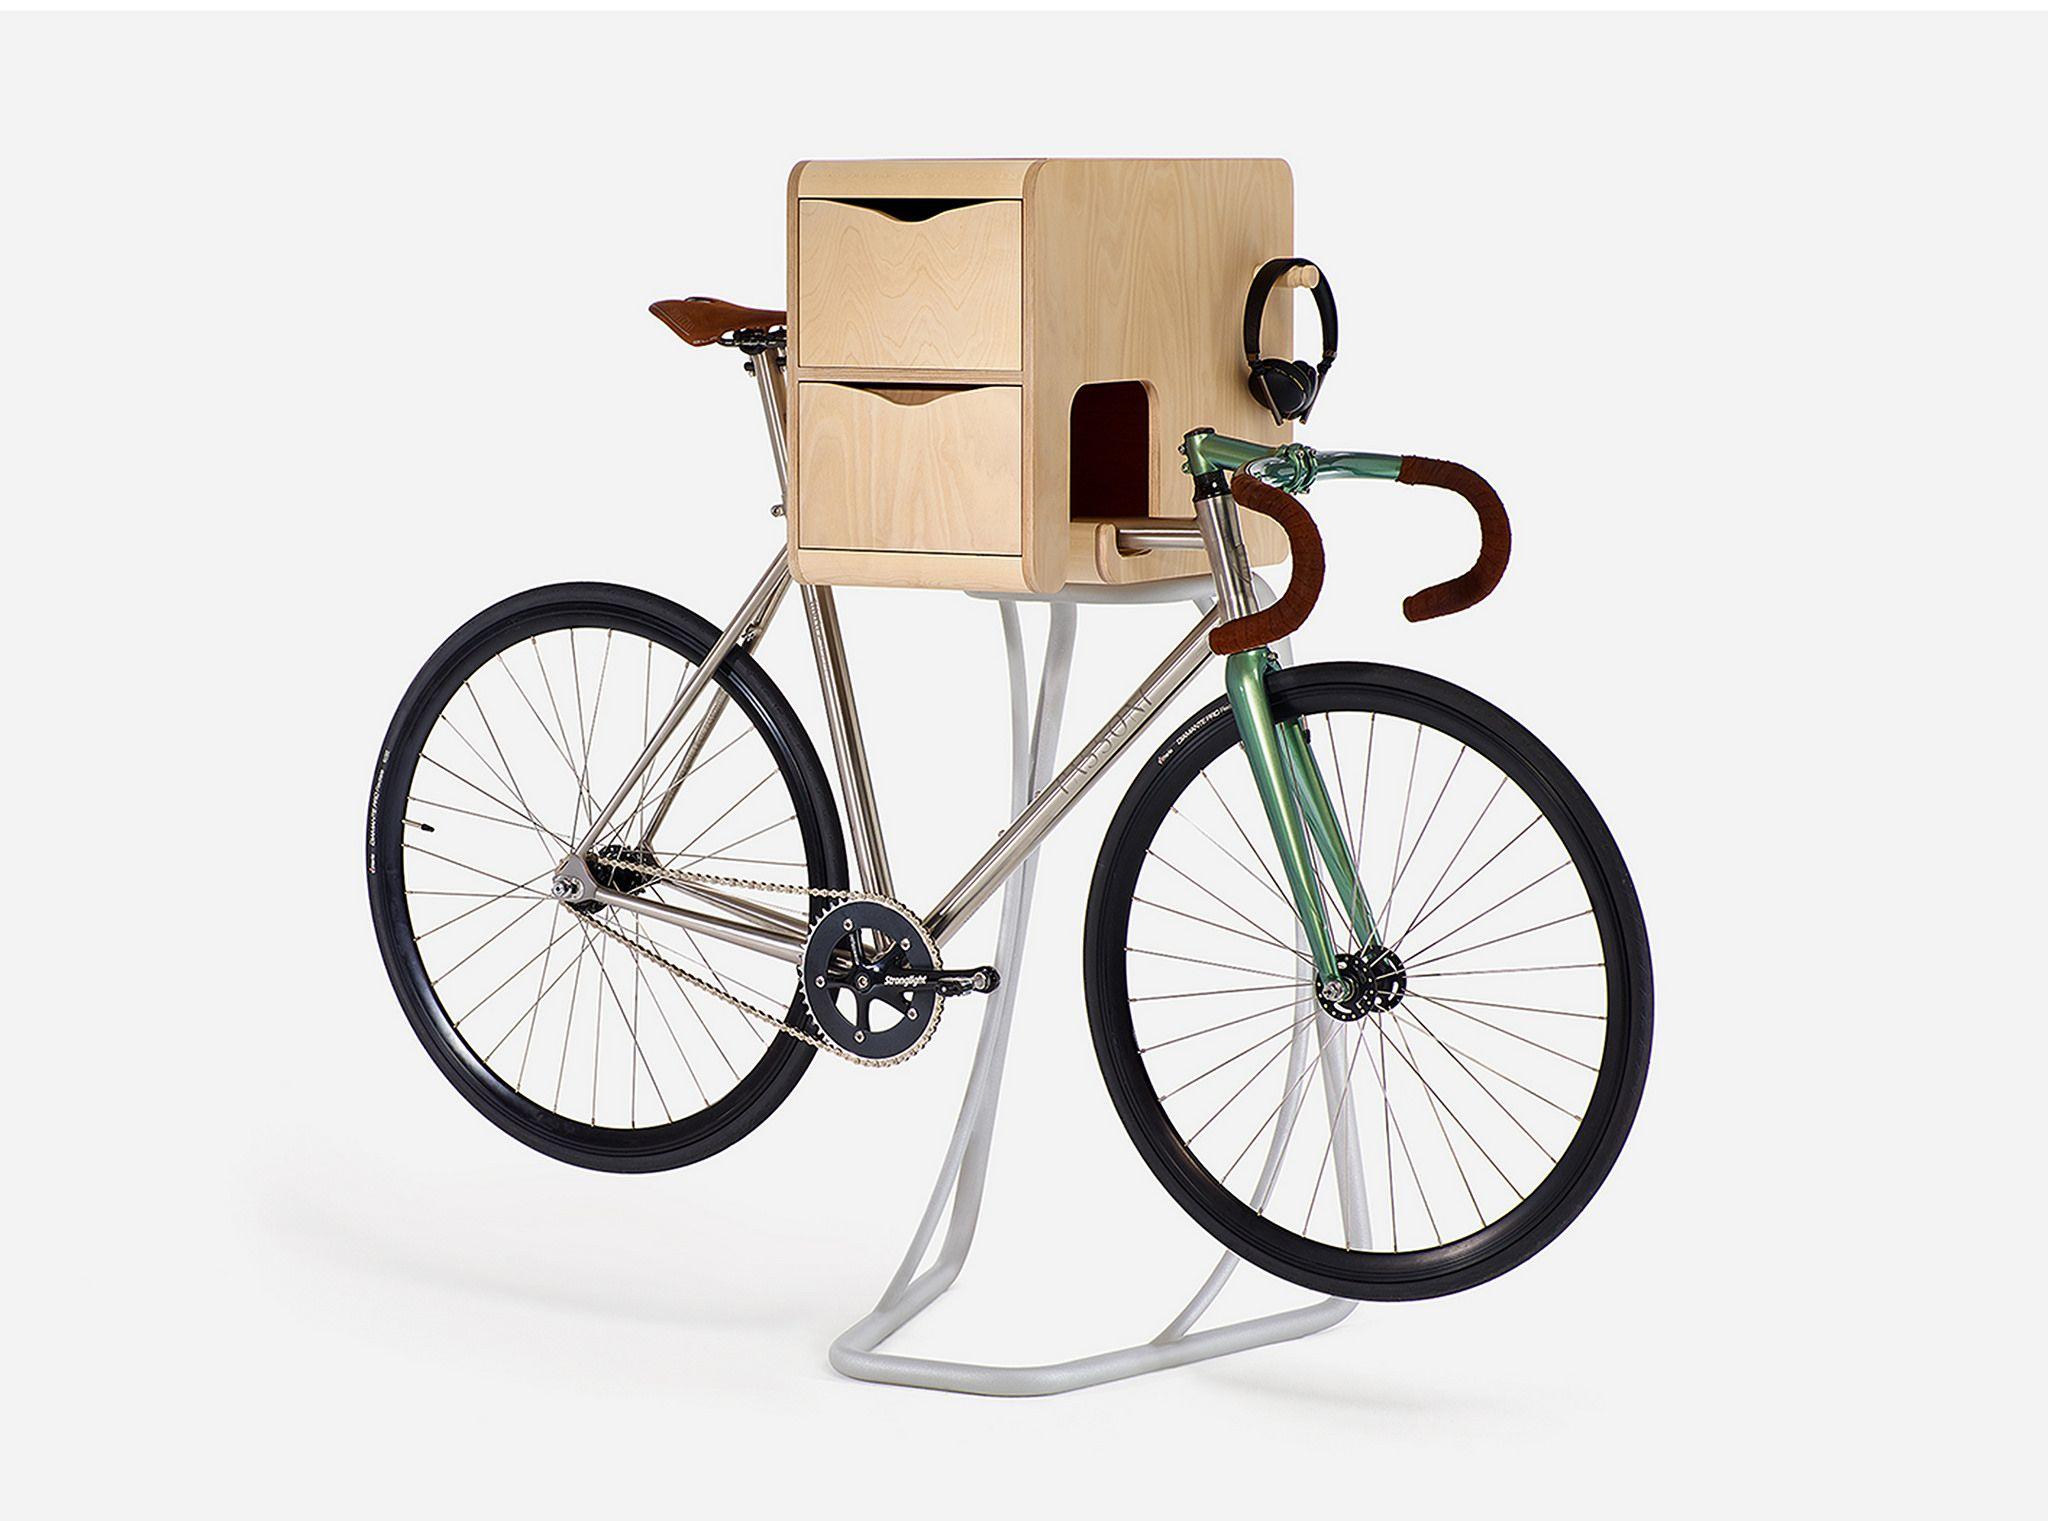 Bike Butler Bike Bike Stand Bike Rack